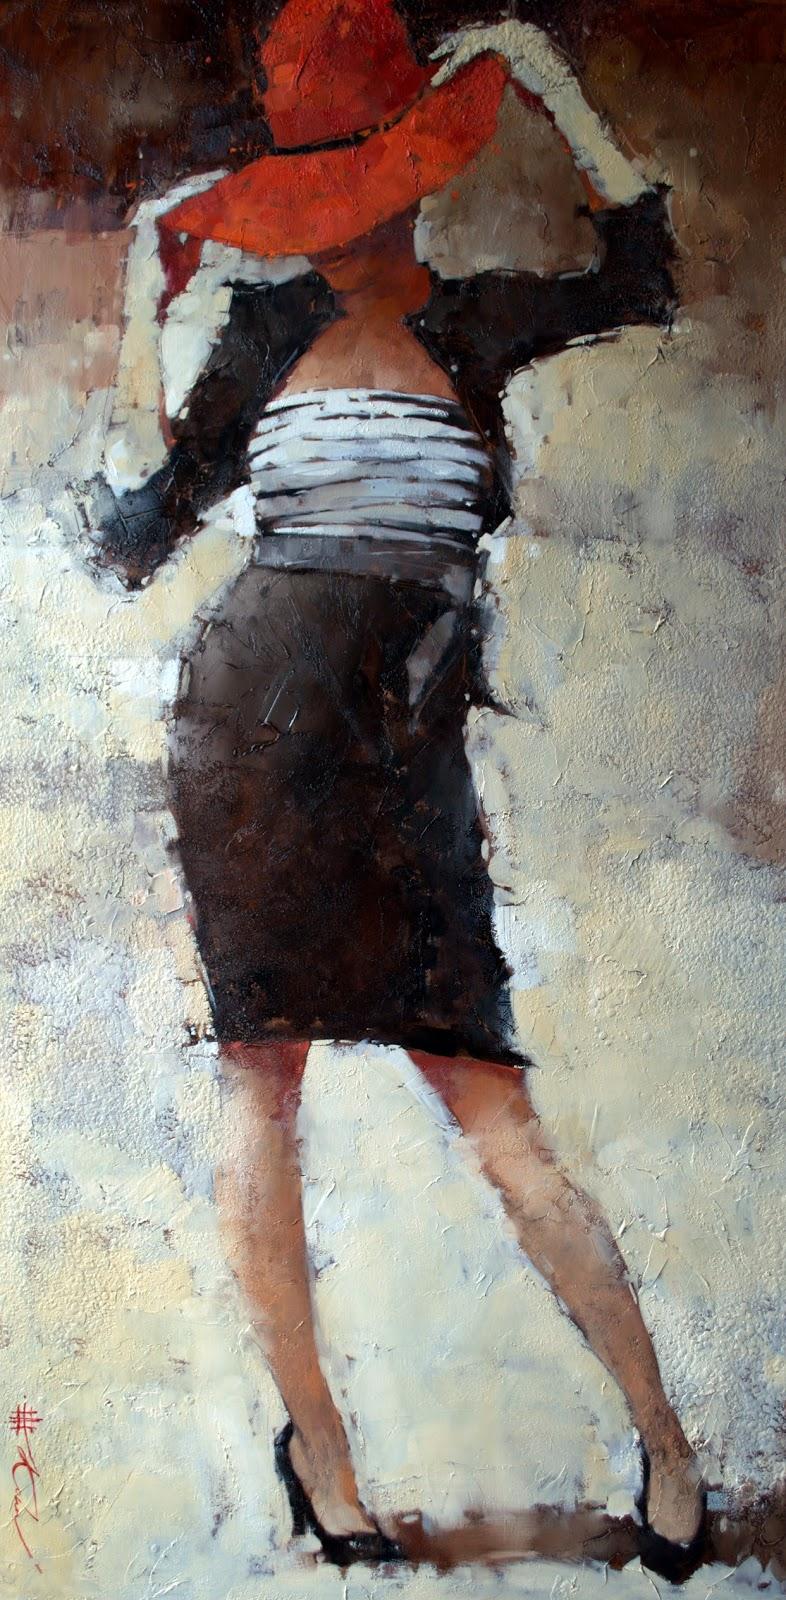 Andre Kohn Artwork for Sale at Online Auction   Andre Kohn